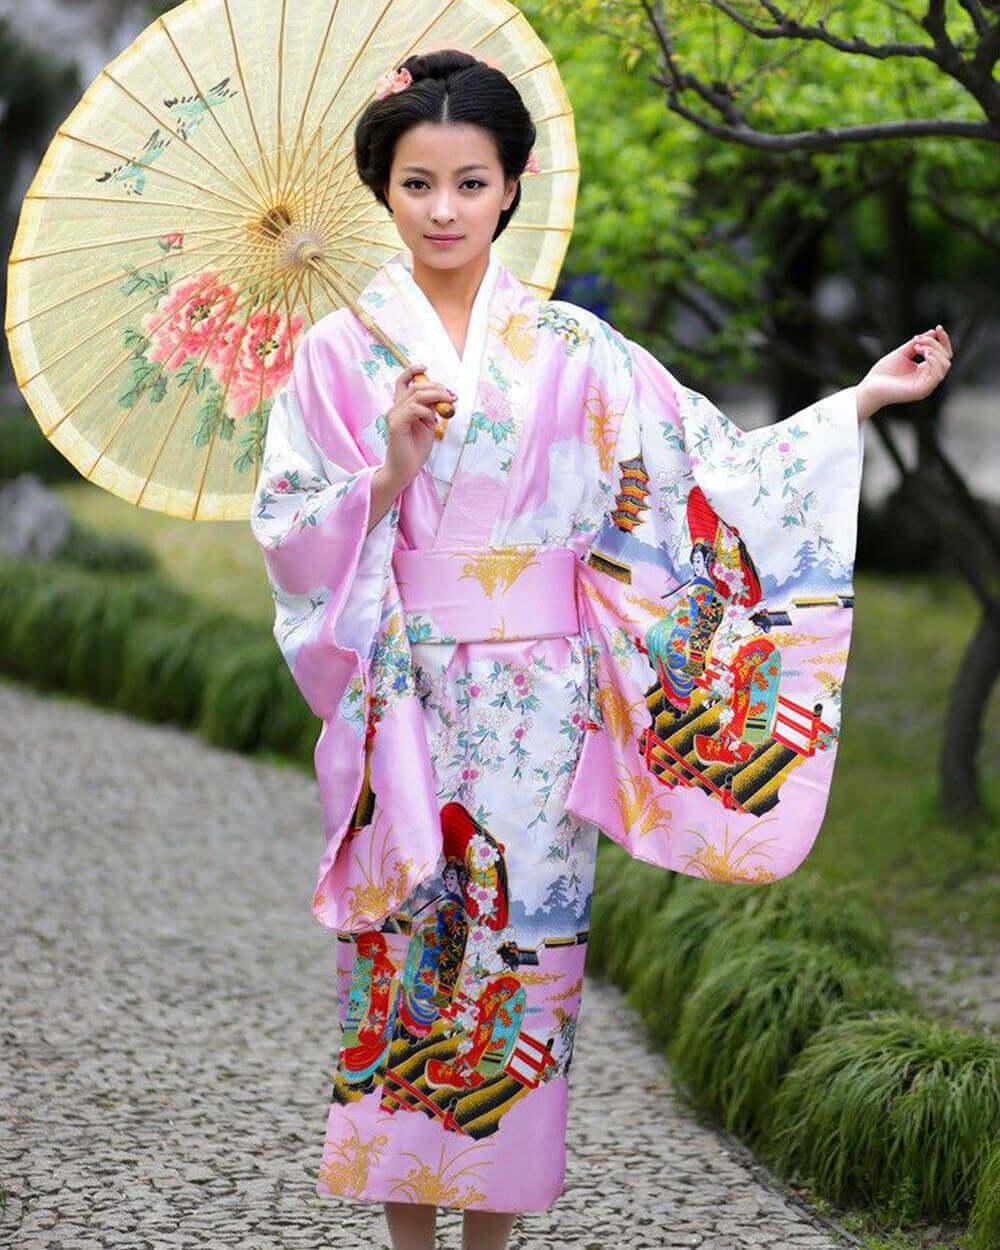 Thời trang Nhật Bản và những bước tiến tiên phong đổi mới - hình ảnh 1